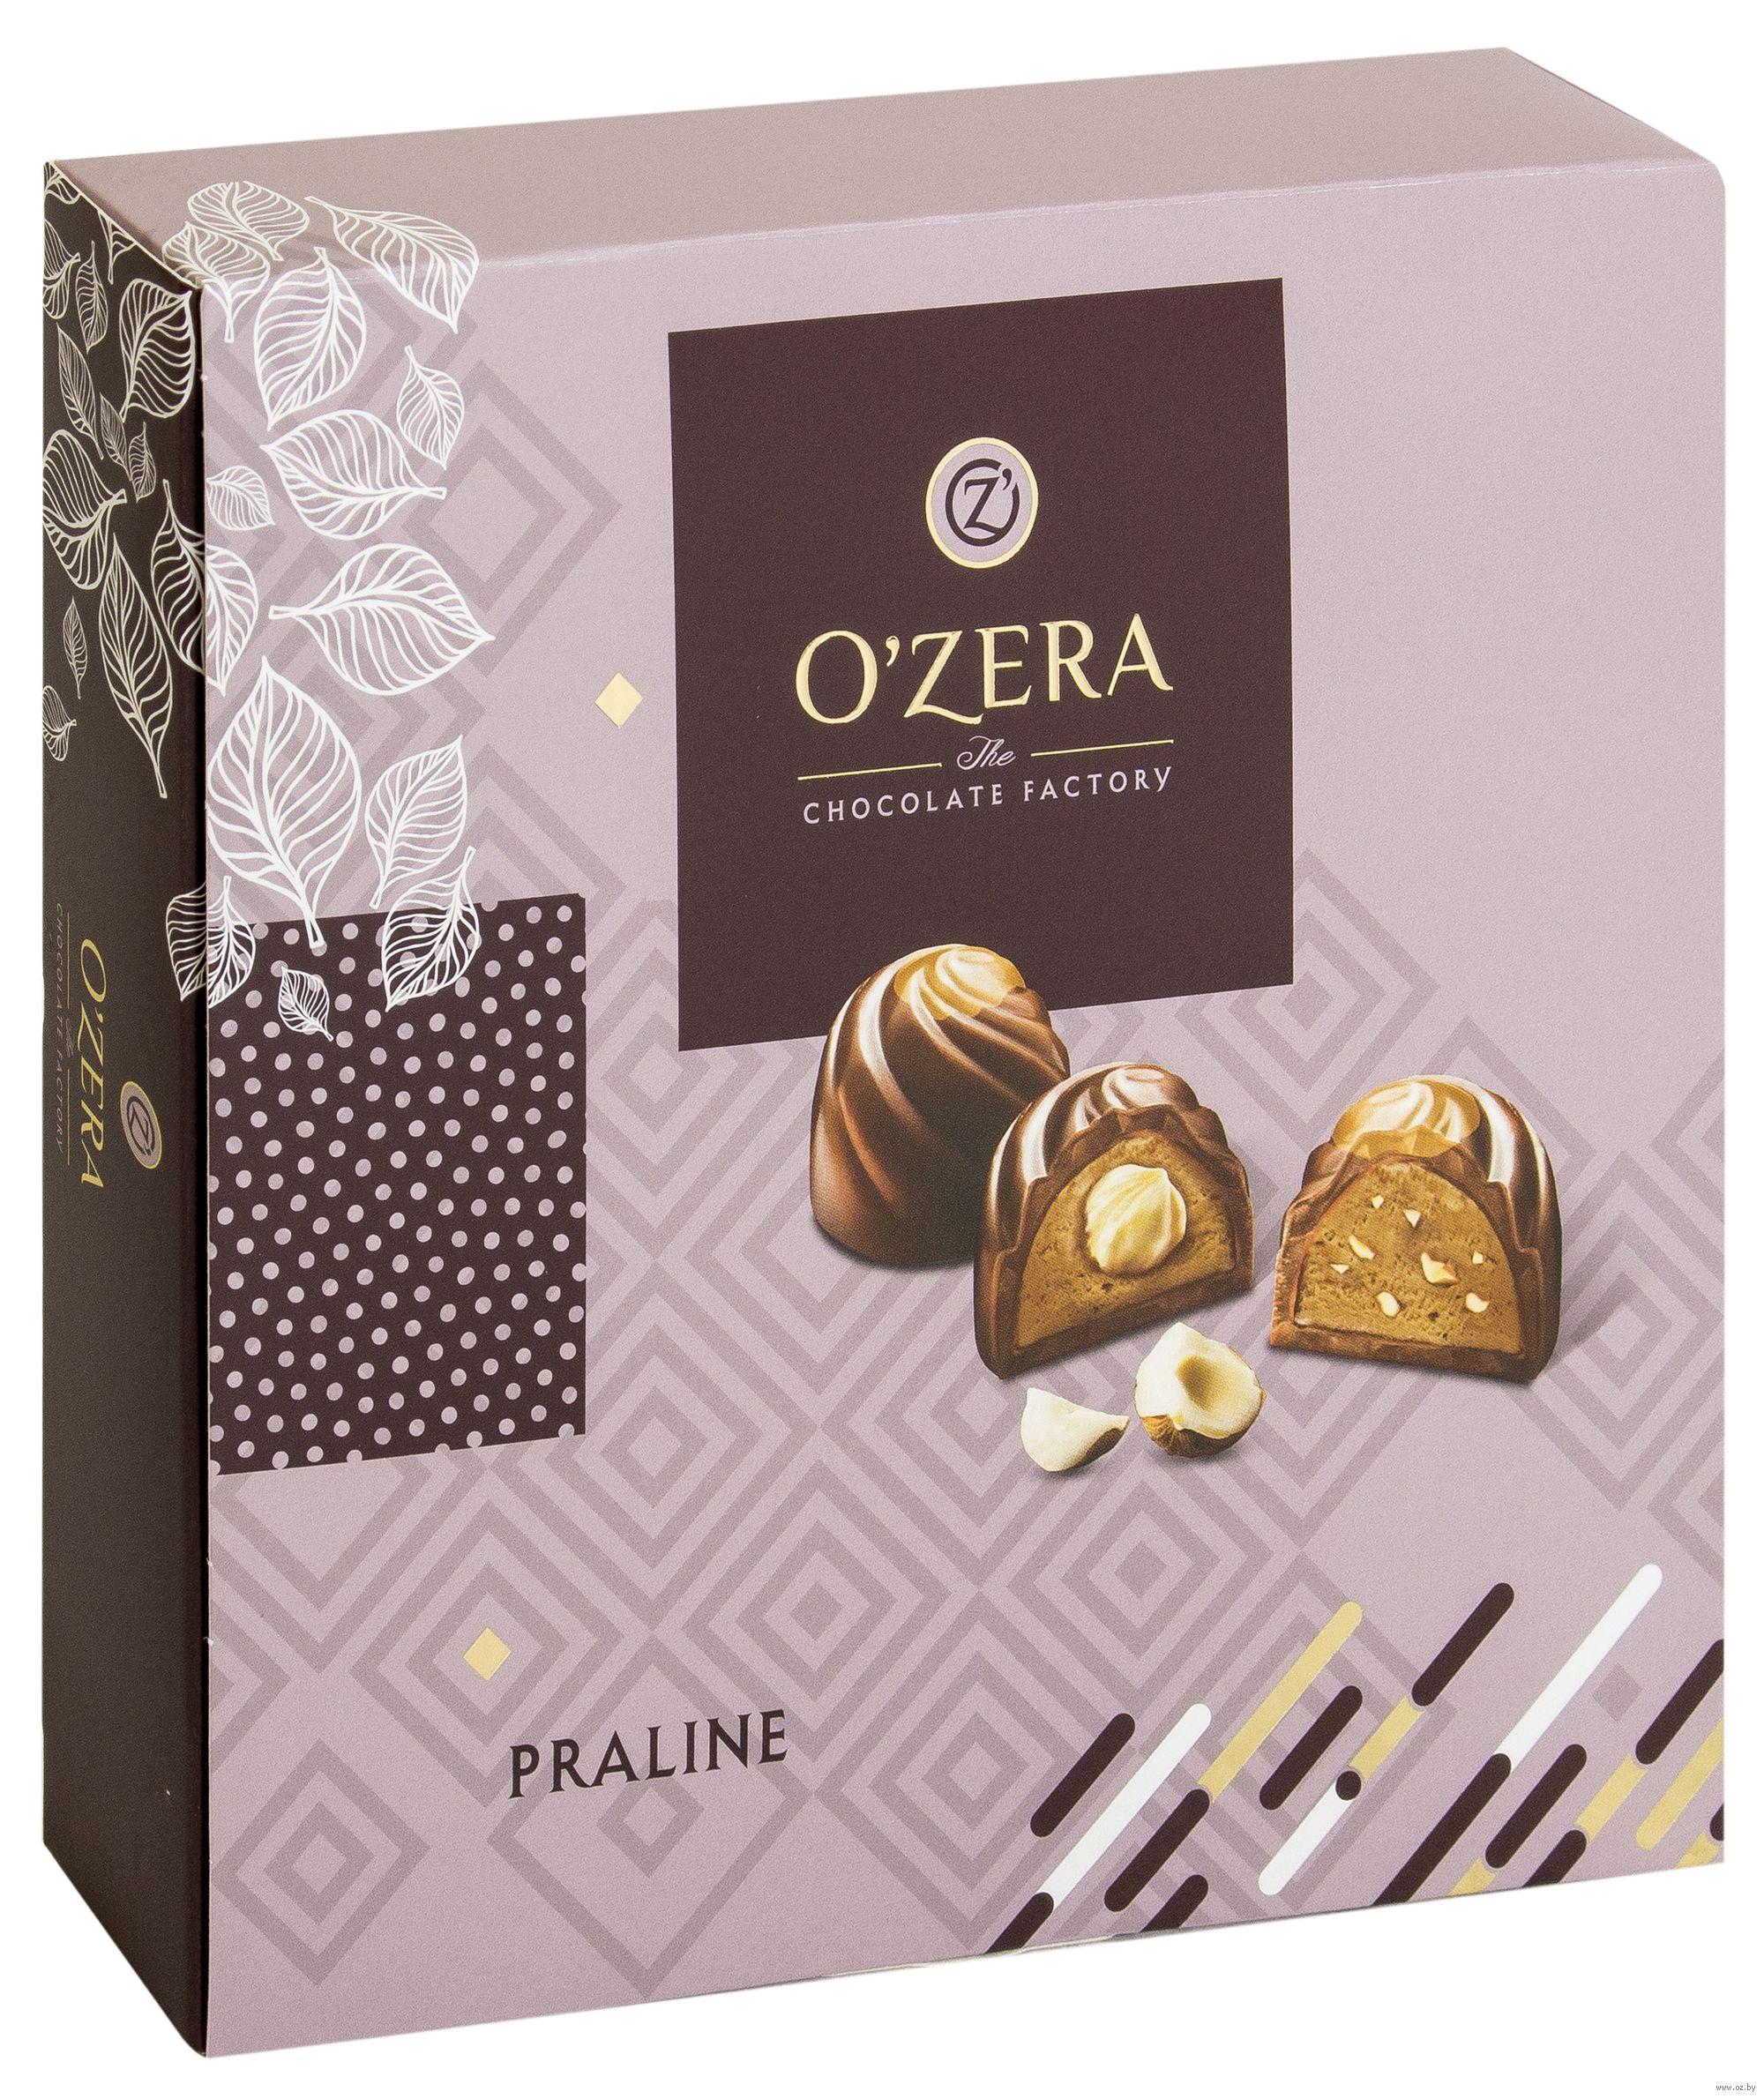 Как определить срок годности у шоколадных и карамельных конфет